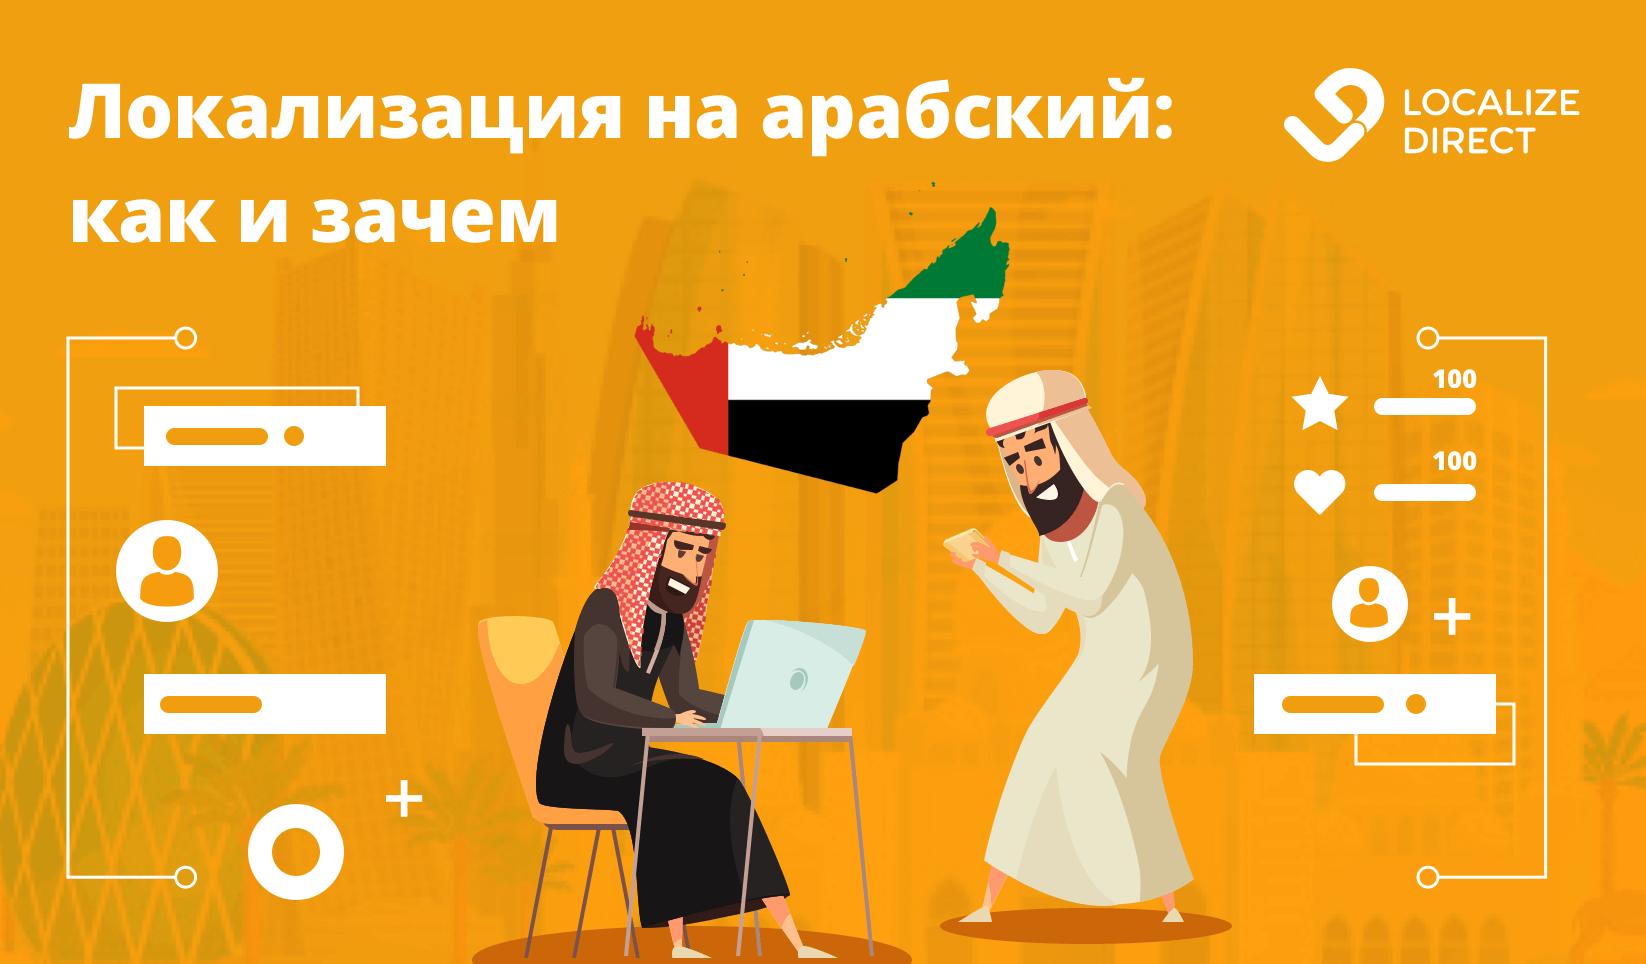 Локализация на арабский: как и зачем